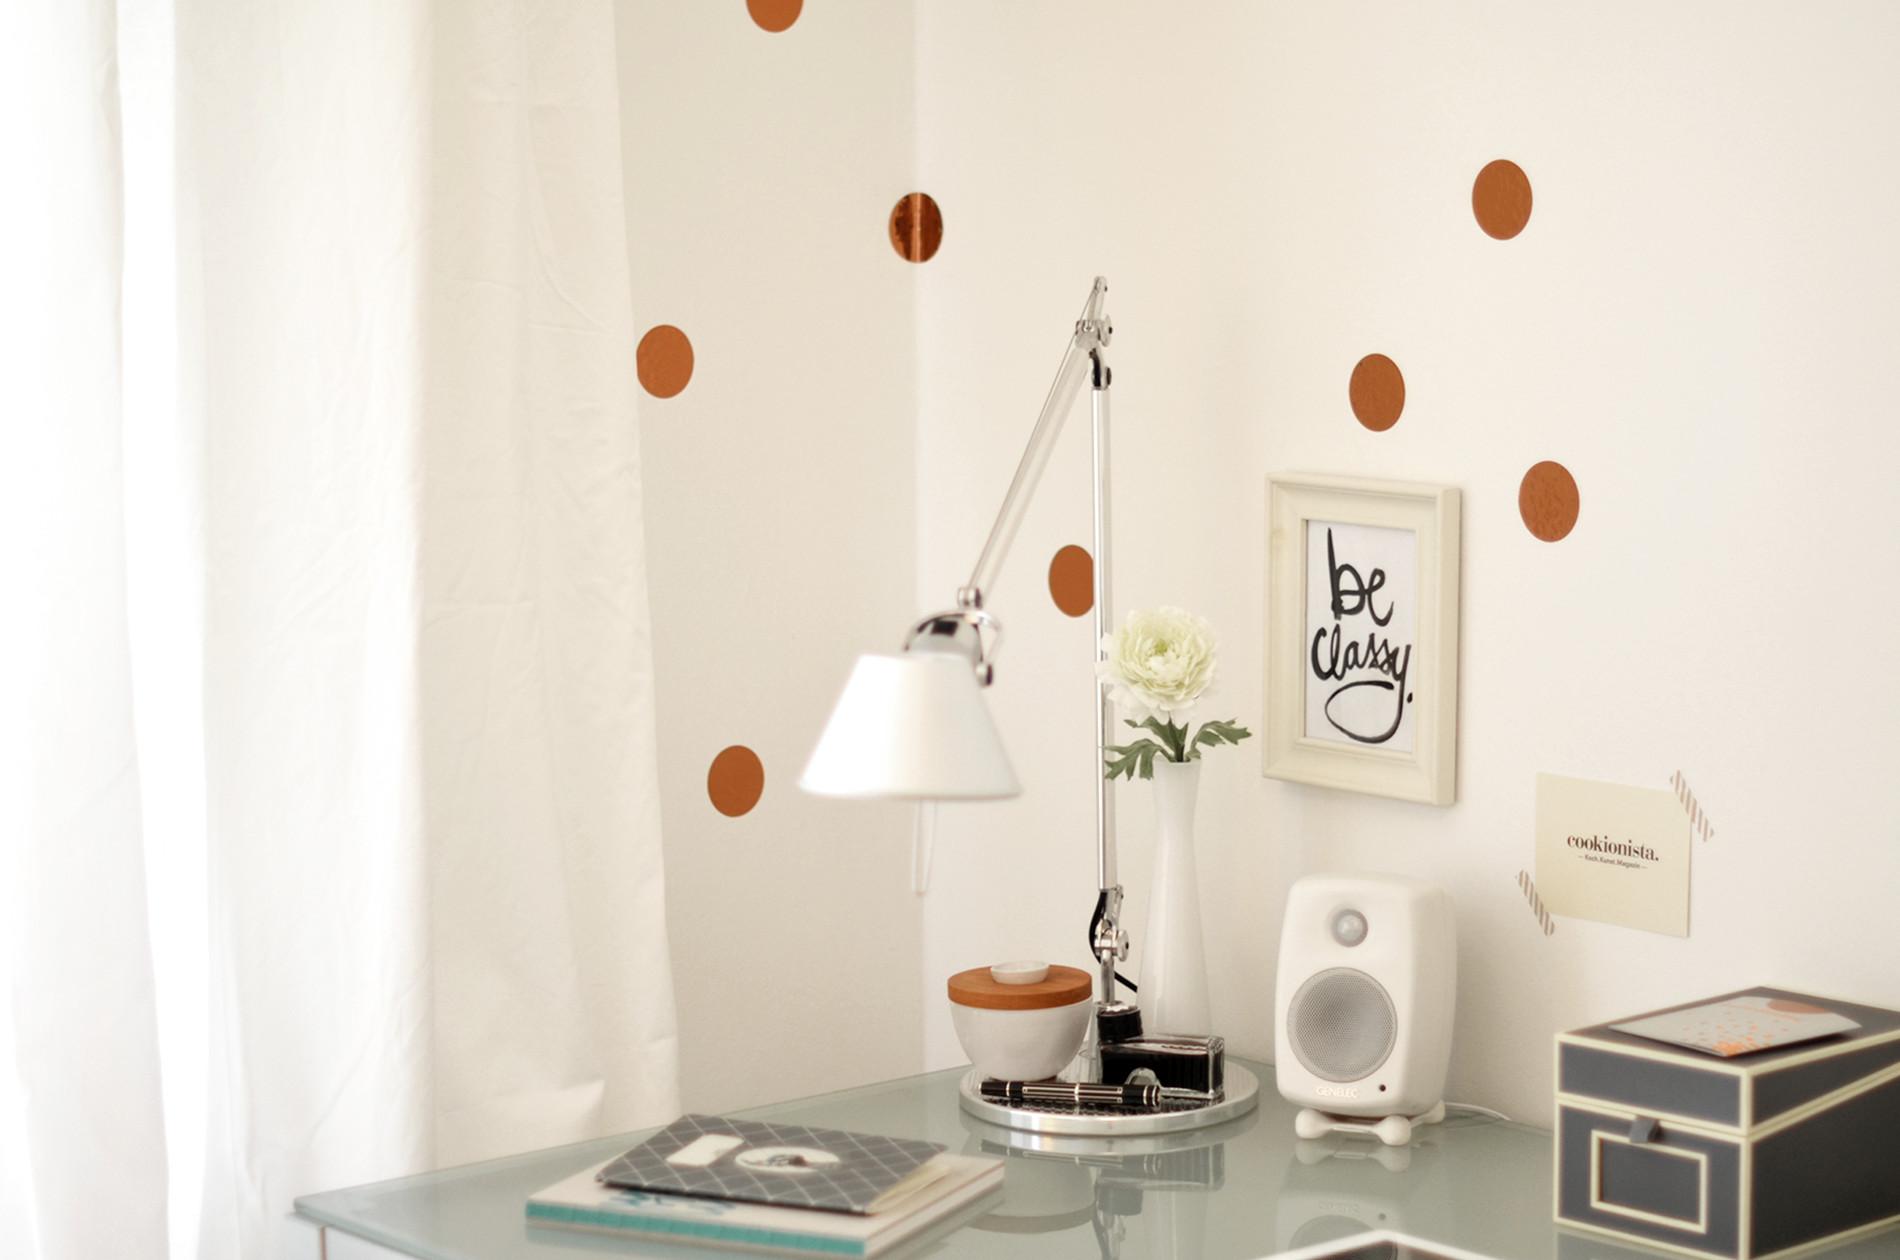 Kupfer Konfetti home liebling kupfer konfetti cookionista